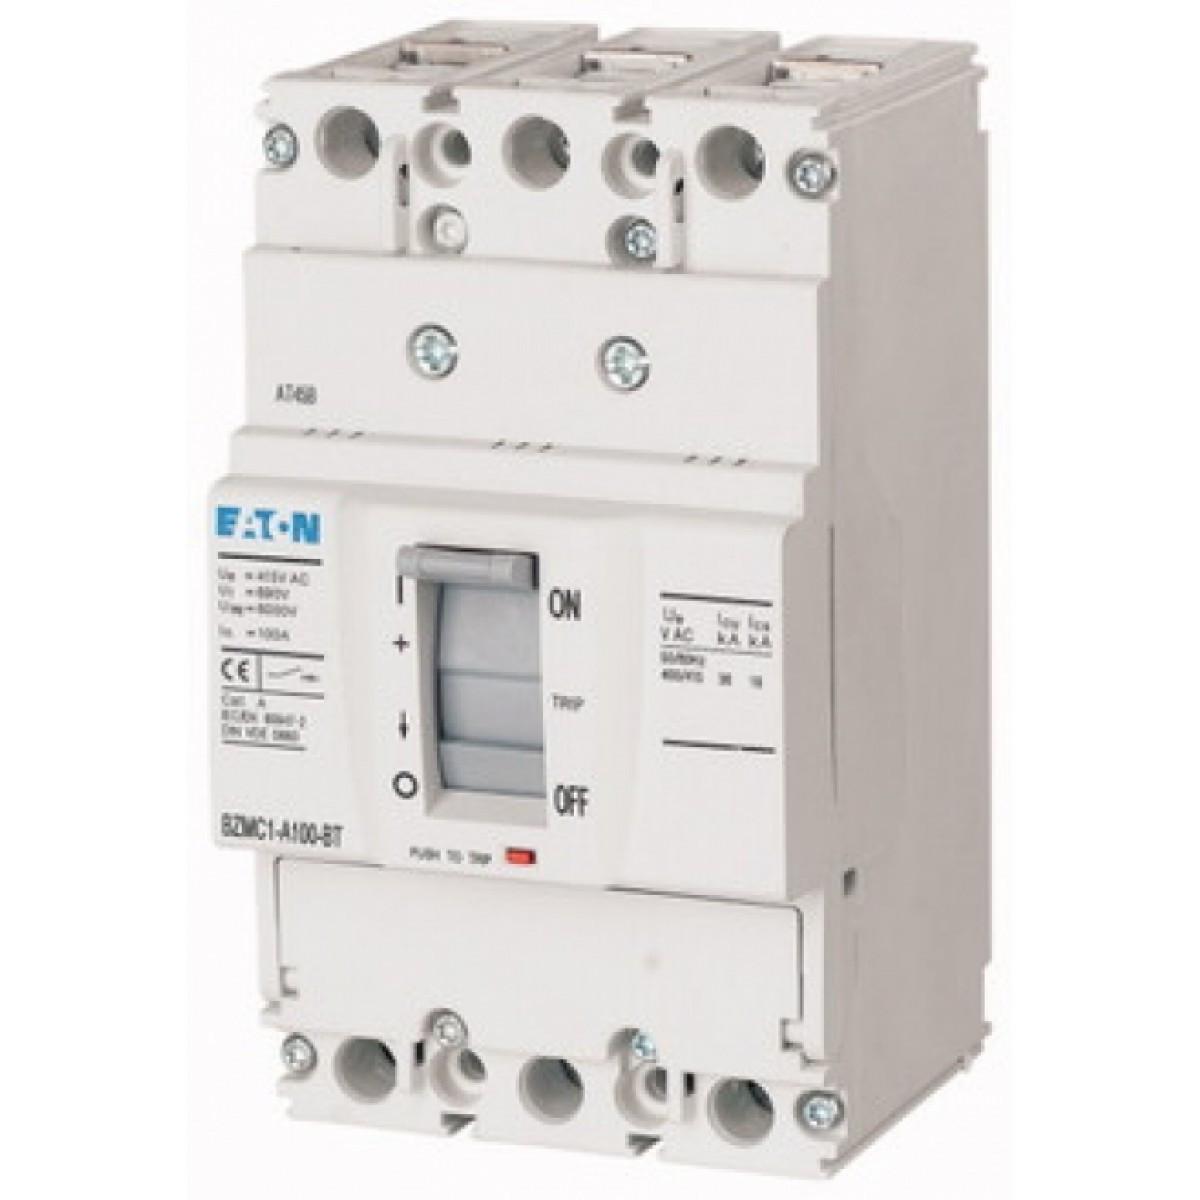 Вимикач автоматичний BZMB1-A25 (25А 25кА) Eaton (109714)